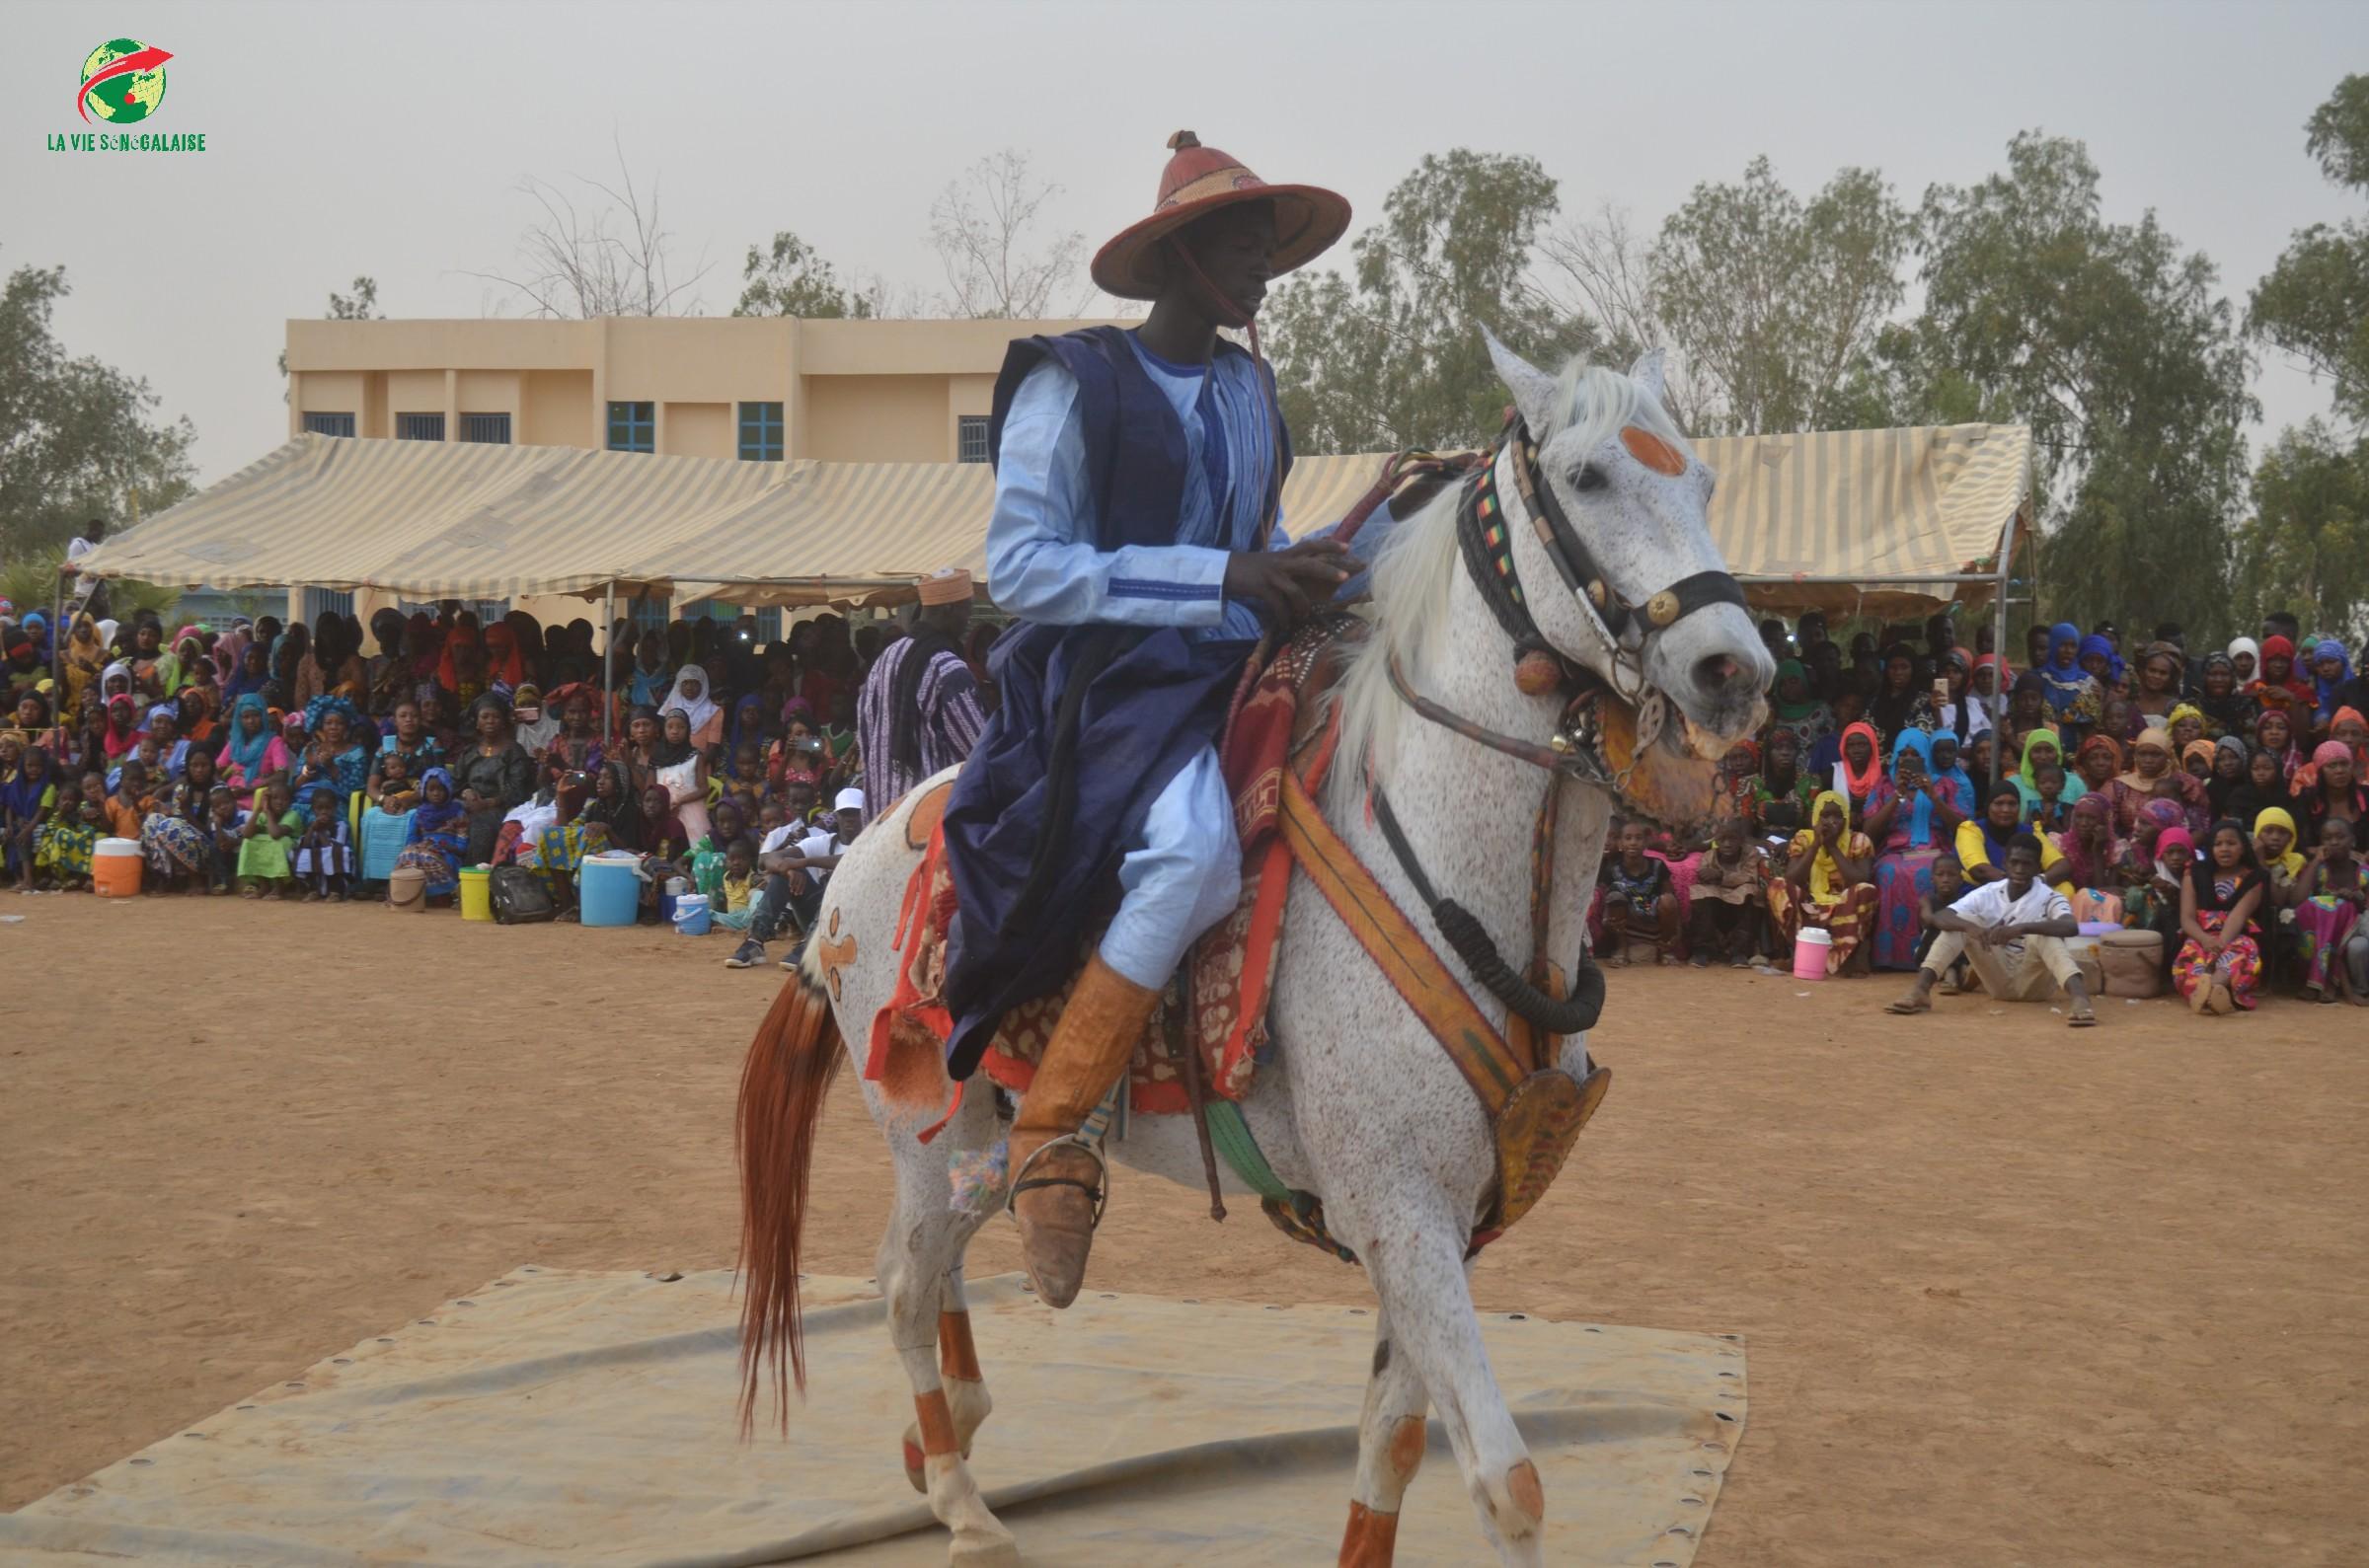 Journées Culturelles Waoundé, Parrain Bakary Biné Camara, Images de laviesenegalaise (38)